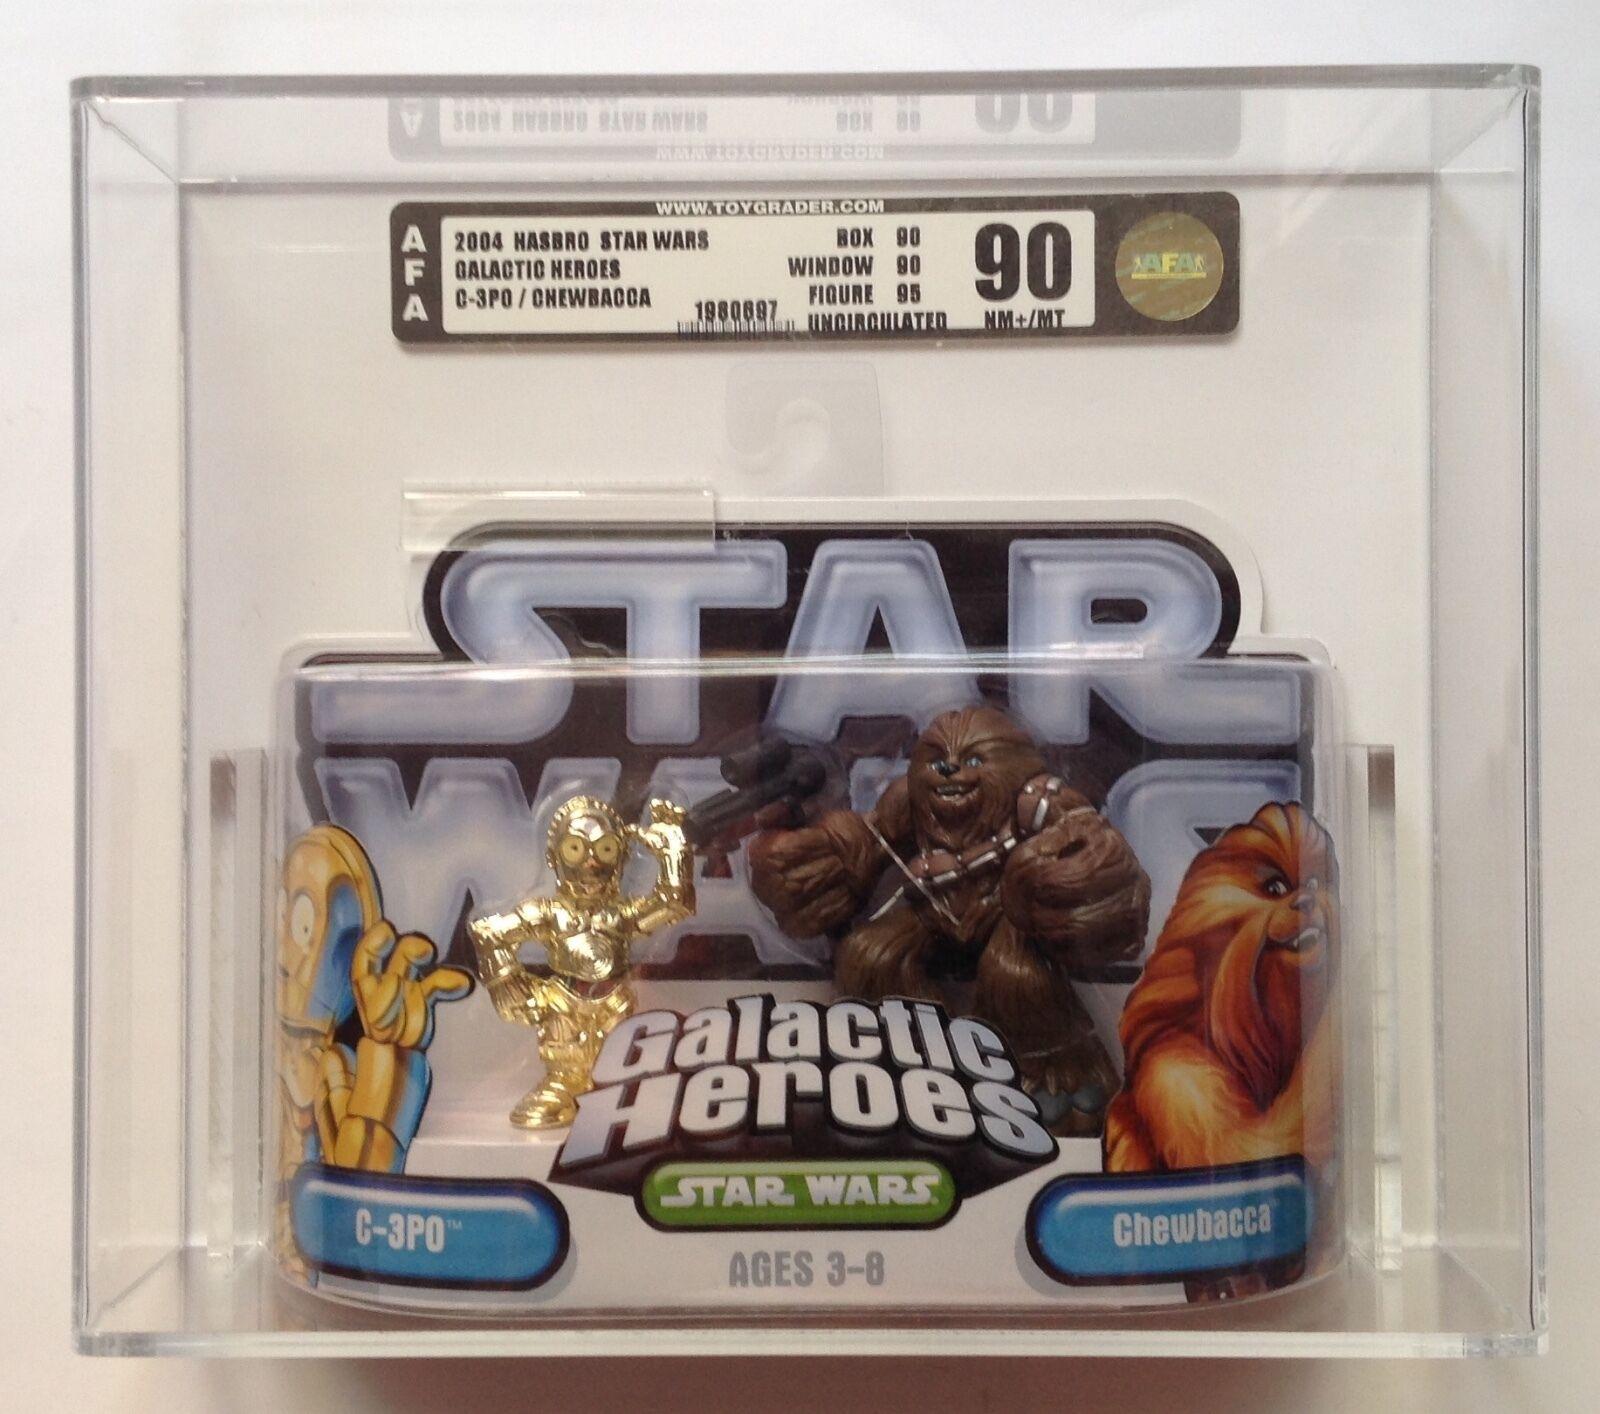 Star Wars Galactic Heroes C-3PO and Chewbacca AFA U90 NM+/MT Hasbro 2004